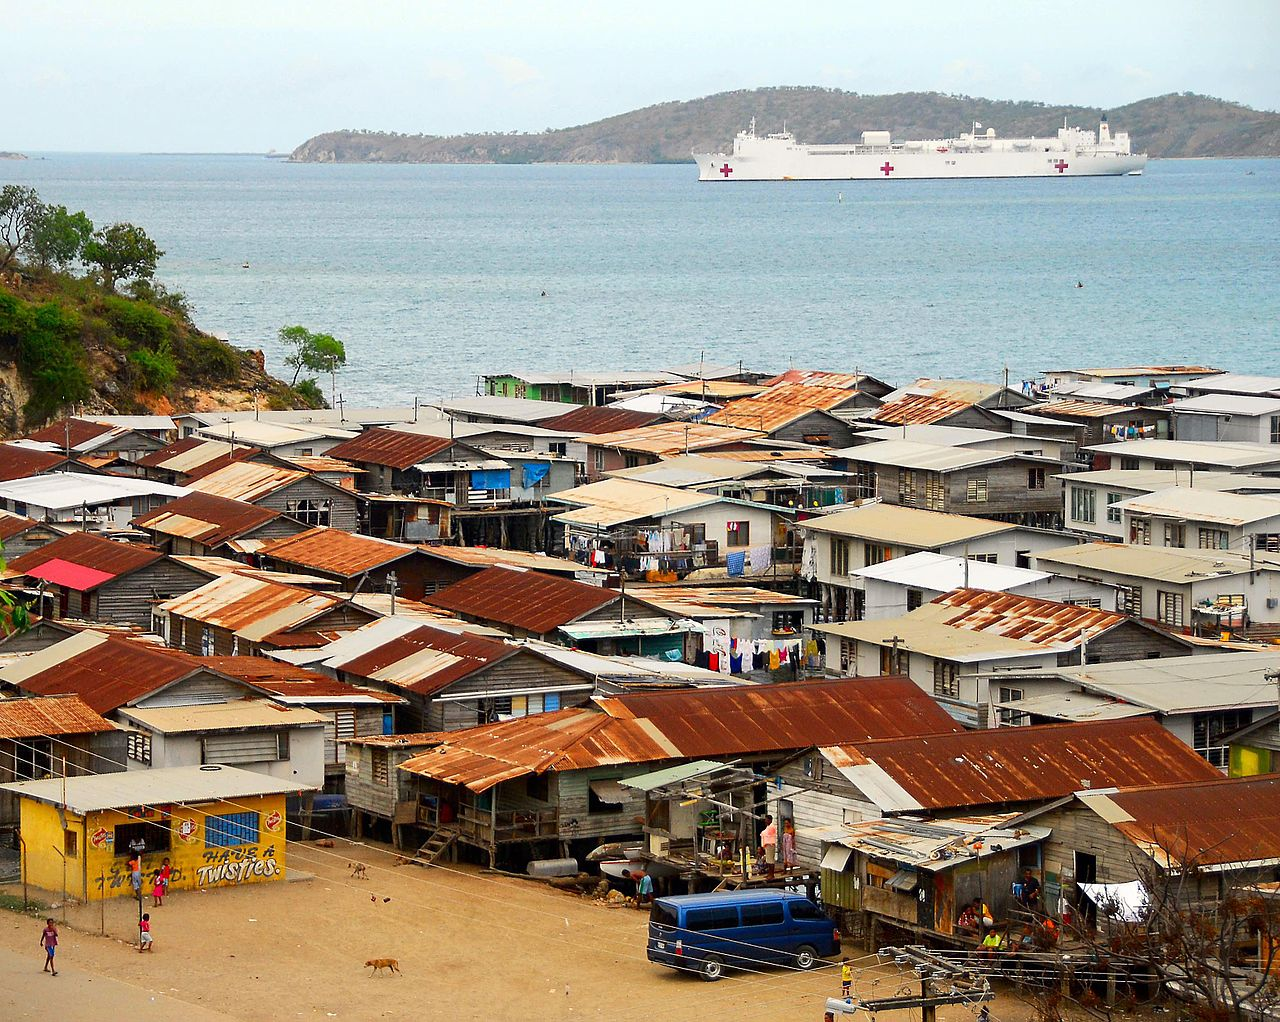 Трущобы Порт-Морсби (причем не самый худший район города). Во-первых, до среднего возраста все равно